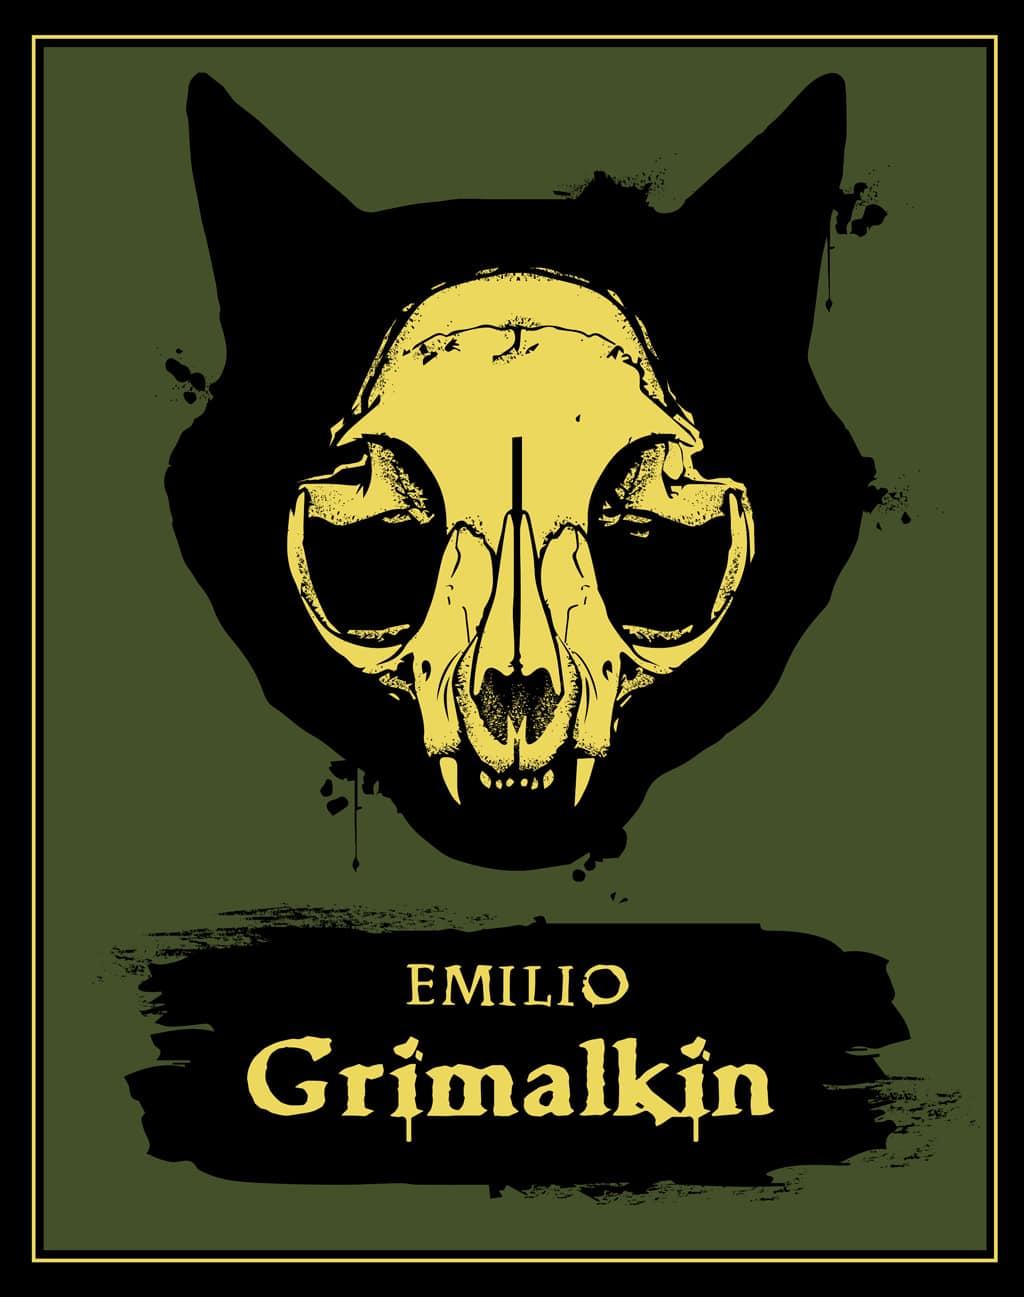 Emilio Grimalkin 2018 design